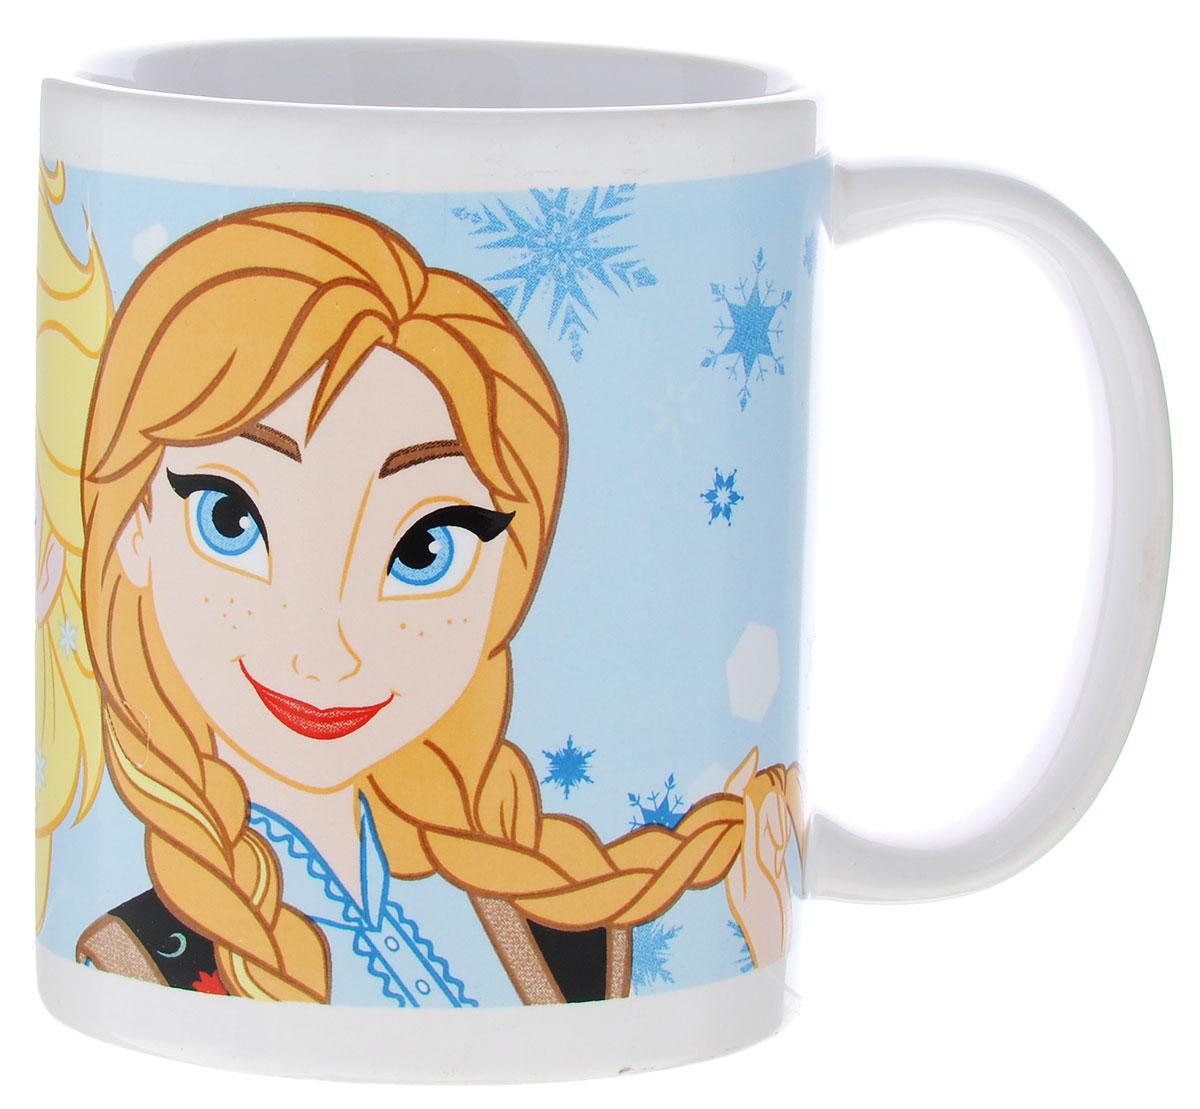 Stor Кружка детская Принцессы Анна и Эльза 325 мл78705Детская кружка Stor Принцессы Анна и Эльза из серии Stor Disney Frozen с любимыми героинями станет отличным подарком для вашей малышки. Она выполнена из керамики и оформлена изображением принцесс из мультфильма Холодное сердце Анны и Эльзы.Кружка дополнена удобной ручкой.Такой подарок станет не только приятным, но и практичным сувениром: кружка будет незаменимым атрибутом чаепития, а оригинальное оформление кружки добавит ярких эмоций и хорошего настроения. Можно использовать в СВЧ-печи и посудомоечной машине.